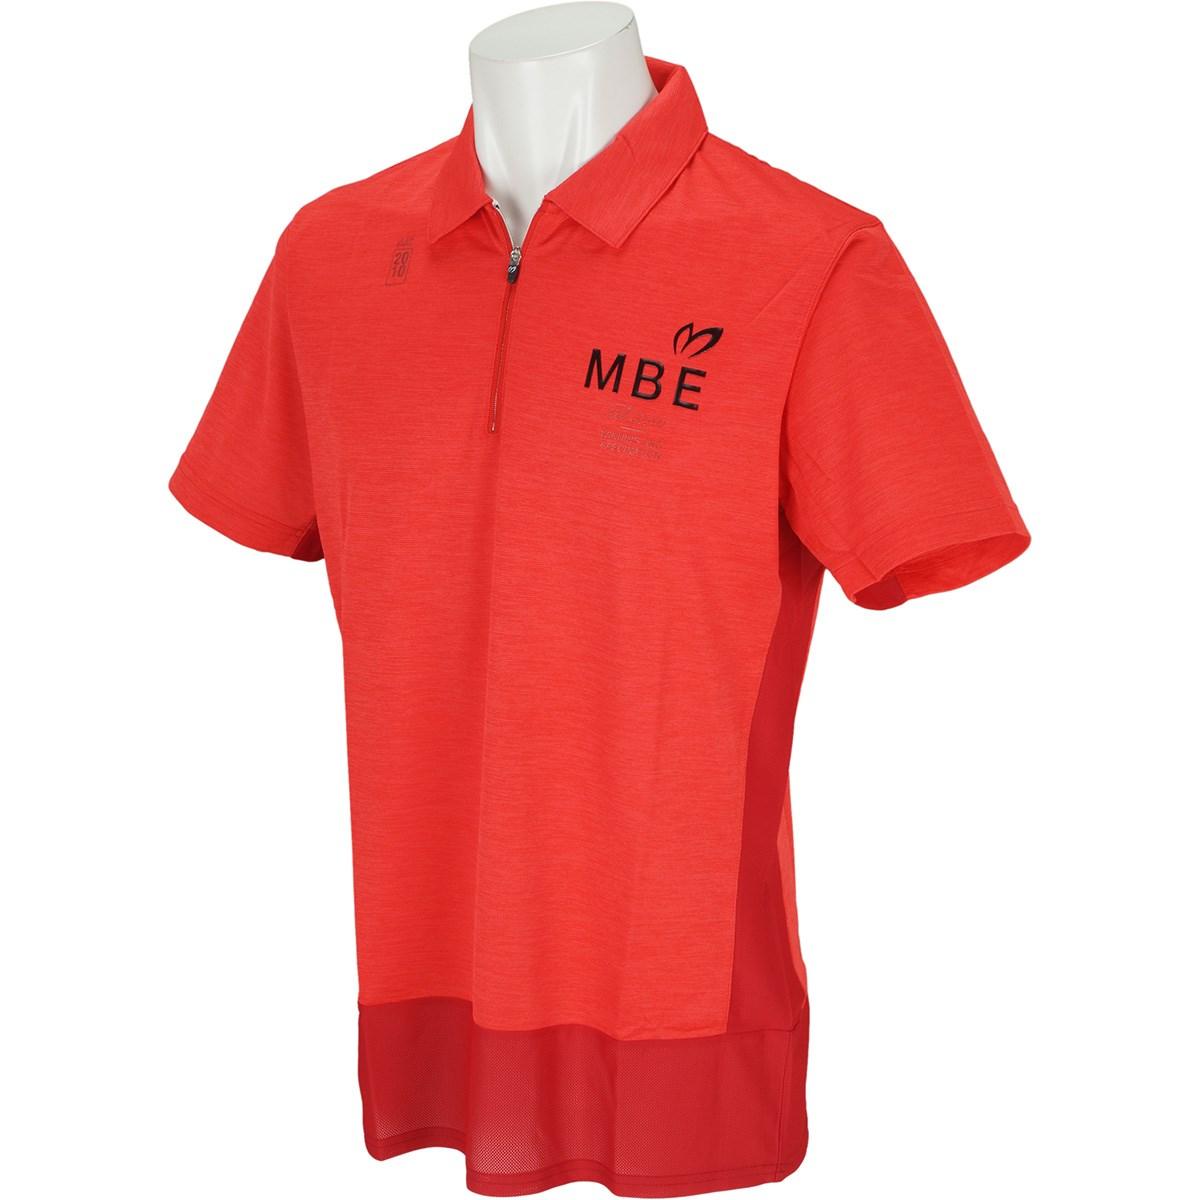 マスターバニーエディション ムーンライトトップ 鹿の子半袖ポロシャツ